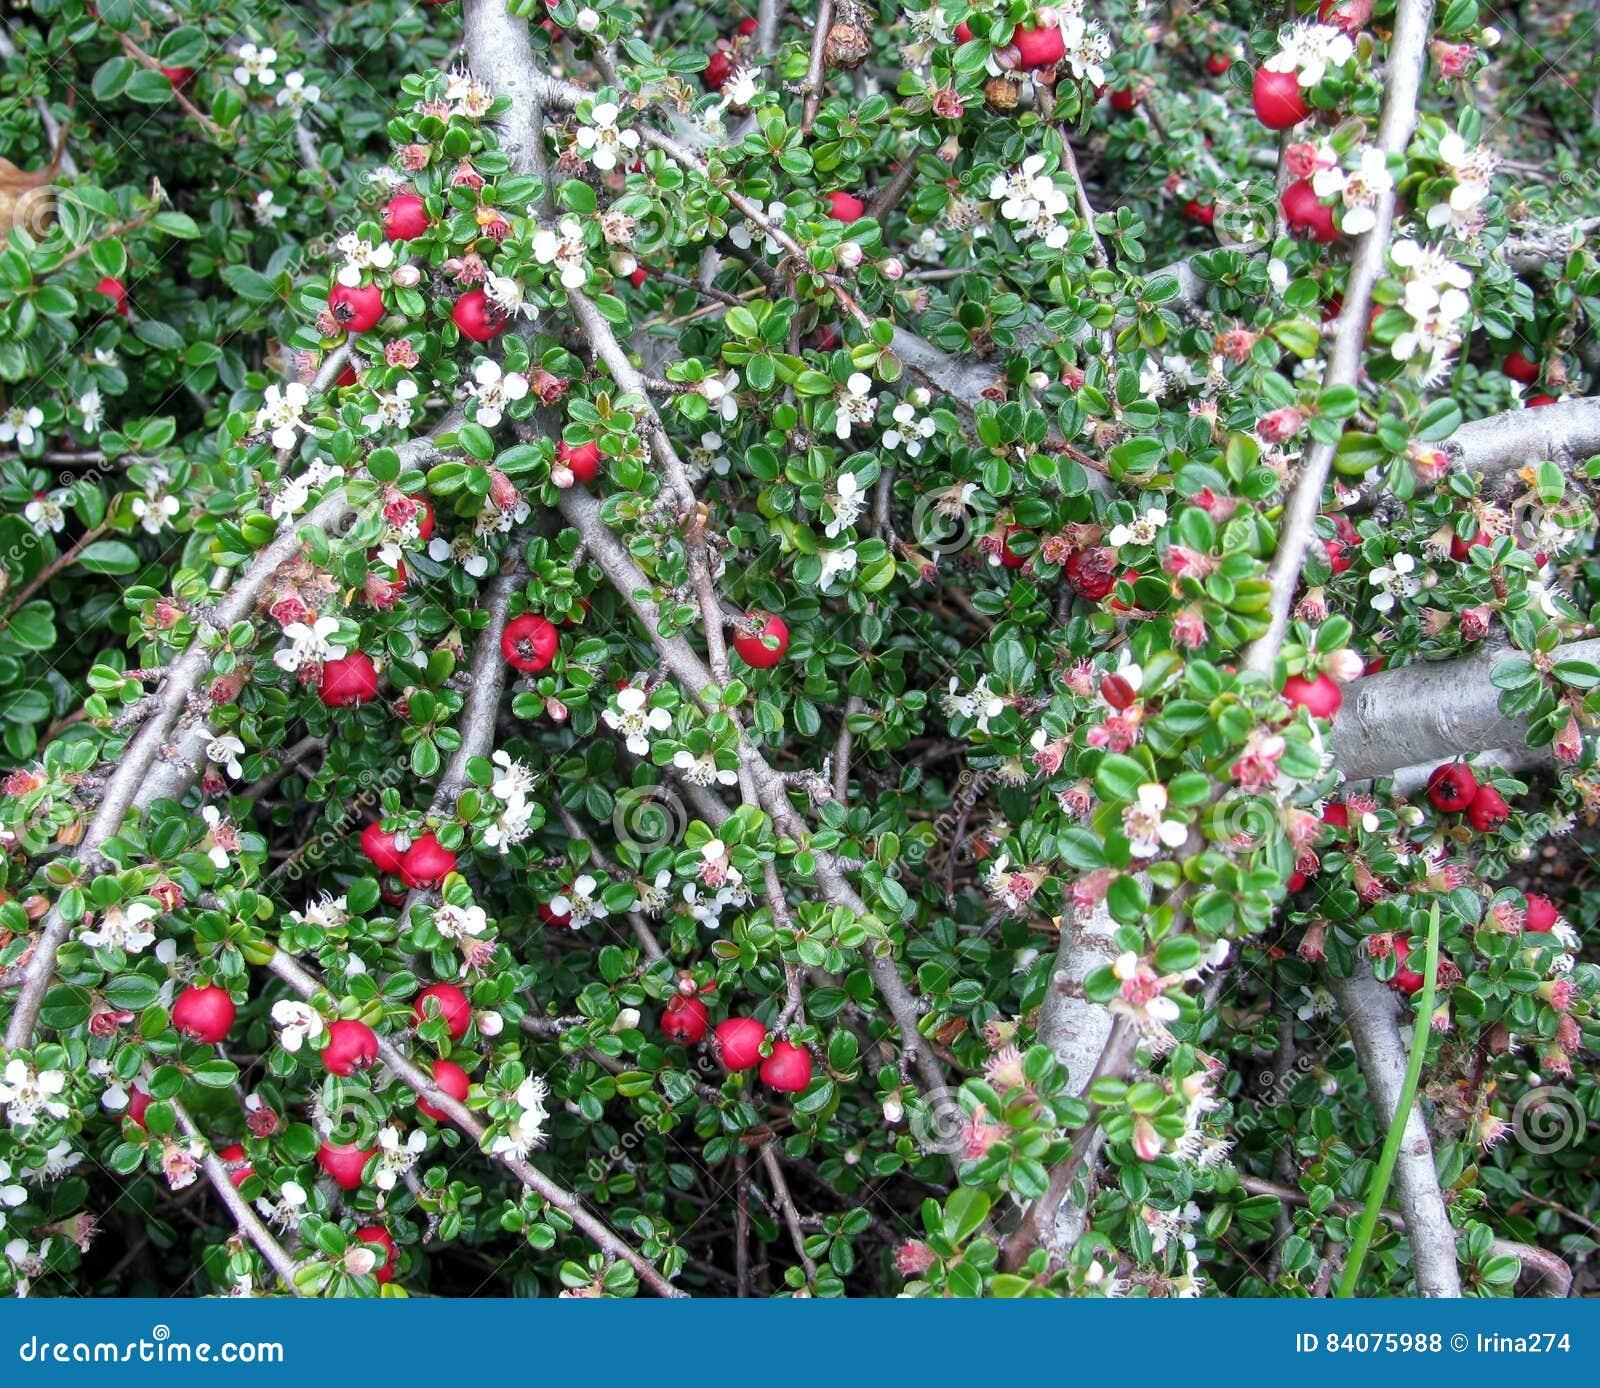 Cotoneaster Dammeri Bush Background Stock Photo Image Of Botany